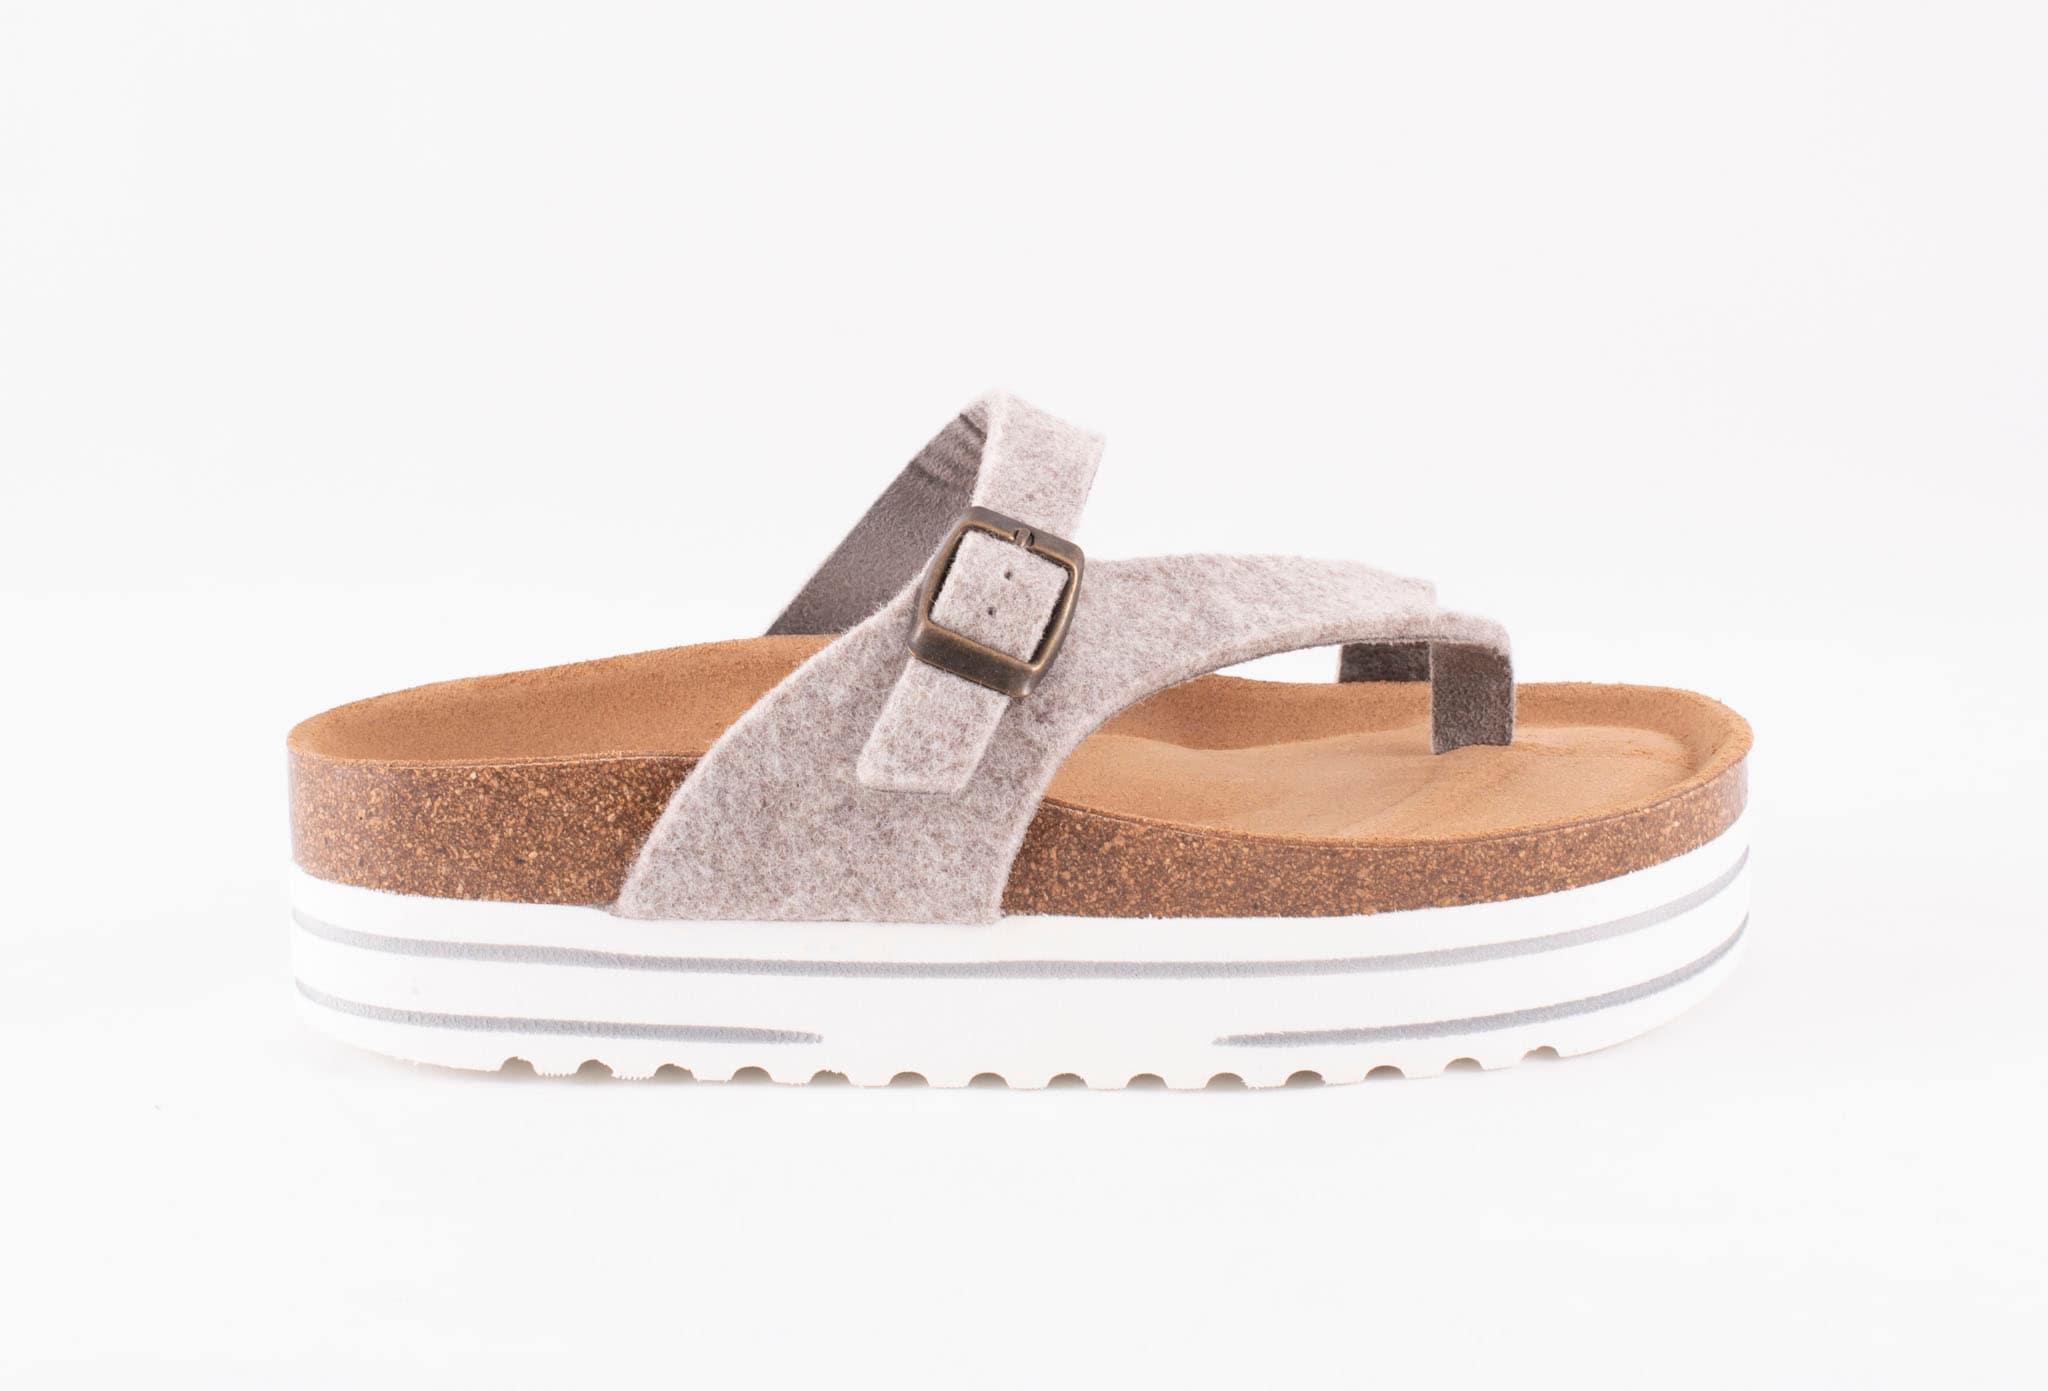 Marinella sandal